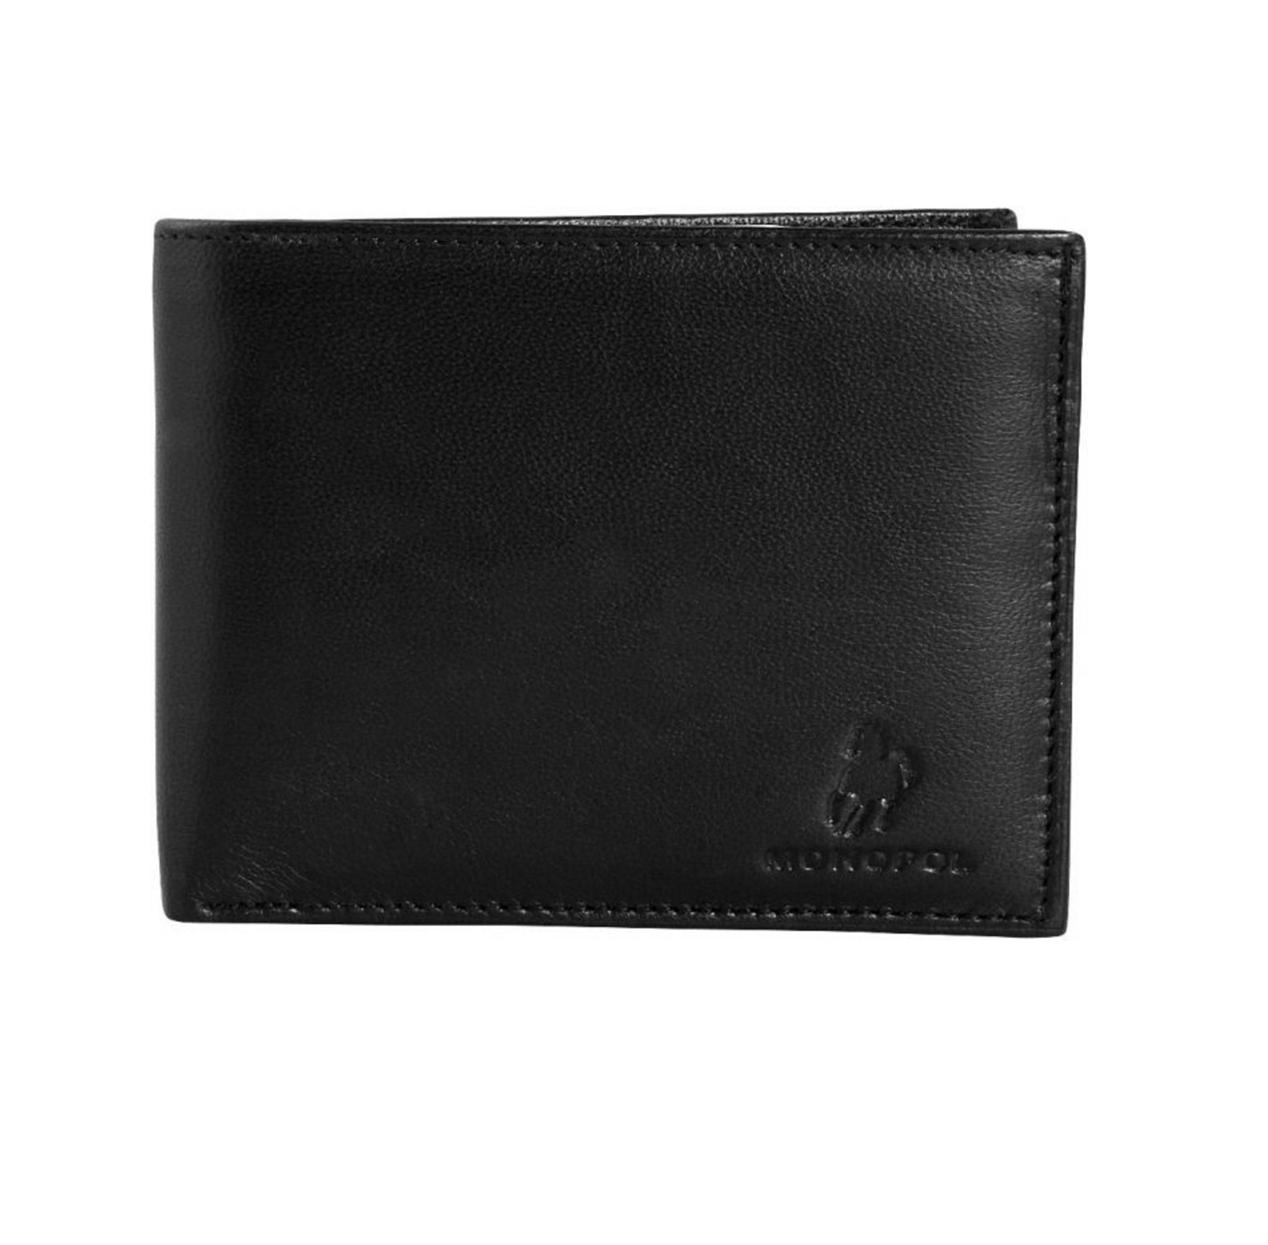 925ad5e2f2 Pánska peňaženka MONOPOL z pravej kože - Zhodnocuj.sk